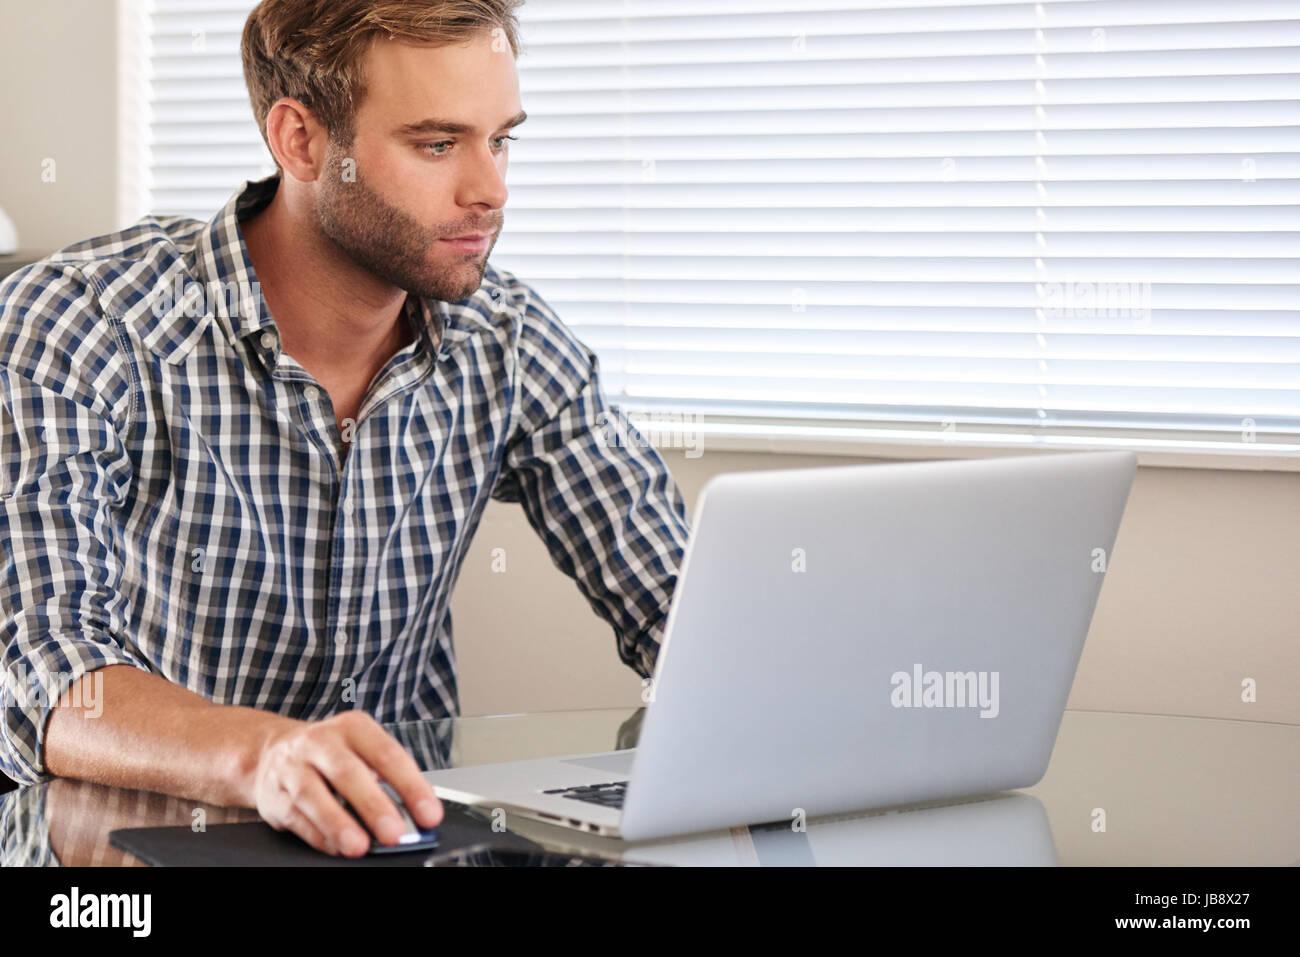 Sie haben ein Problem mit Ihrem PC, möchten einen Drucker eingerichtet bekommen oder eine Hilfestellung zu einem.